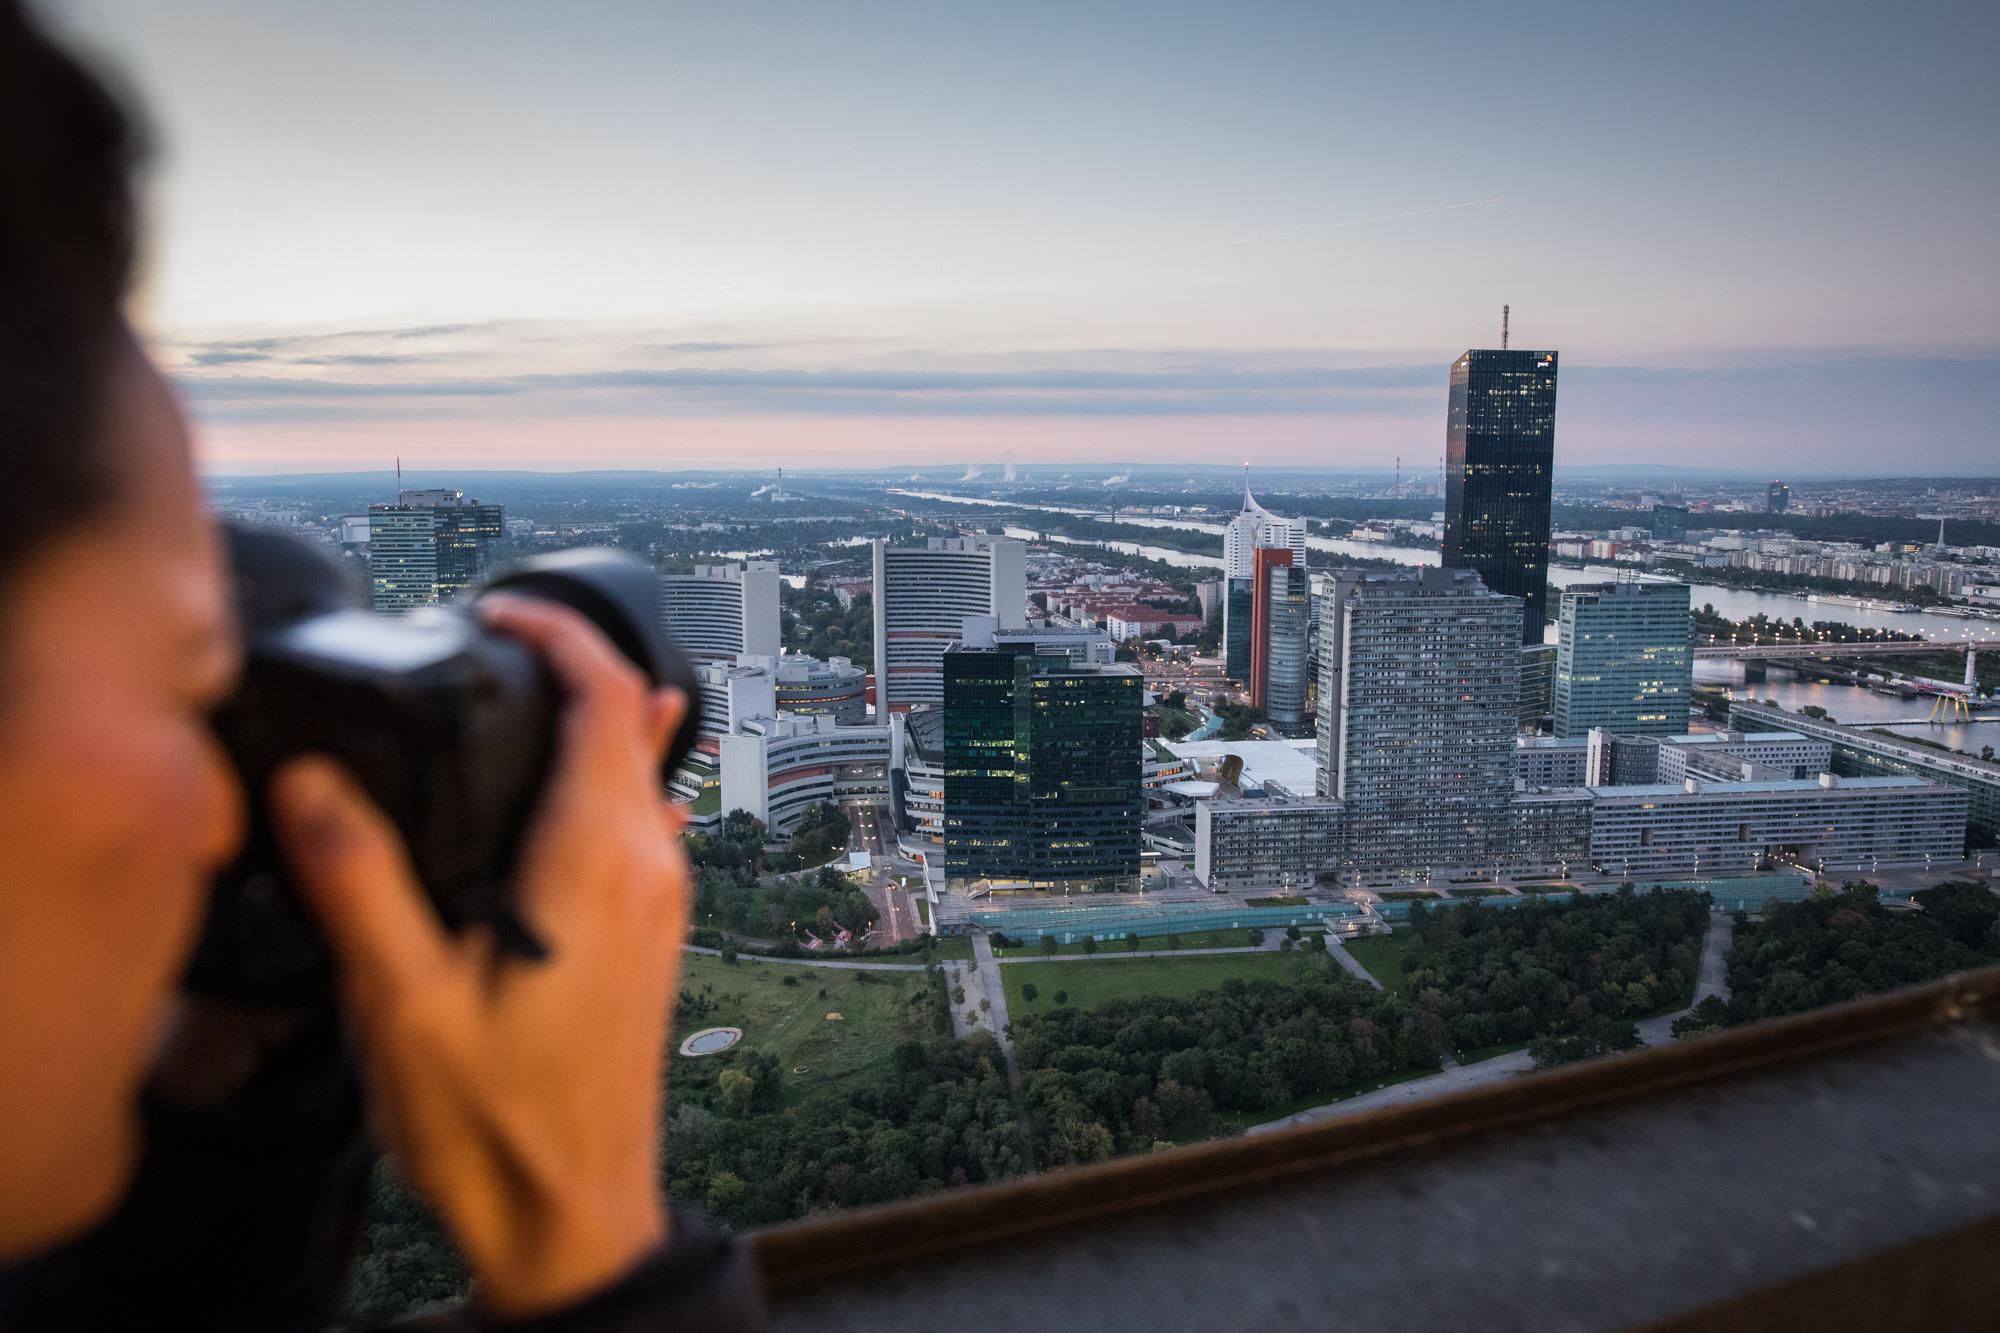 Die kontemplative Kraft der Fotografie - Photo+Adventure